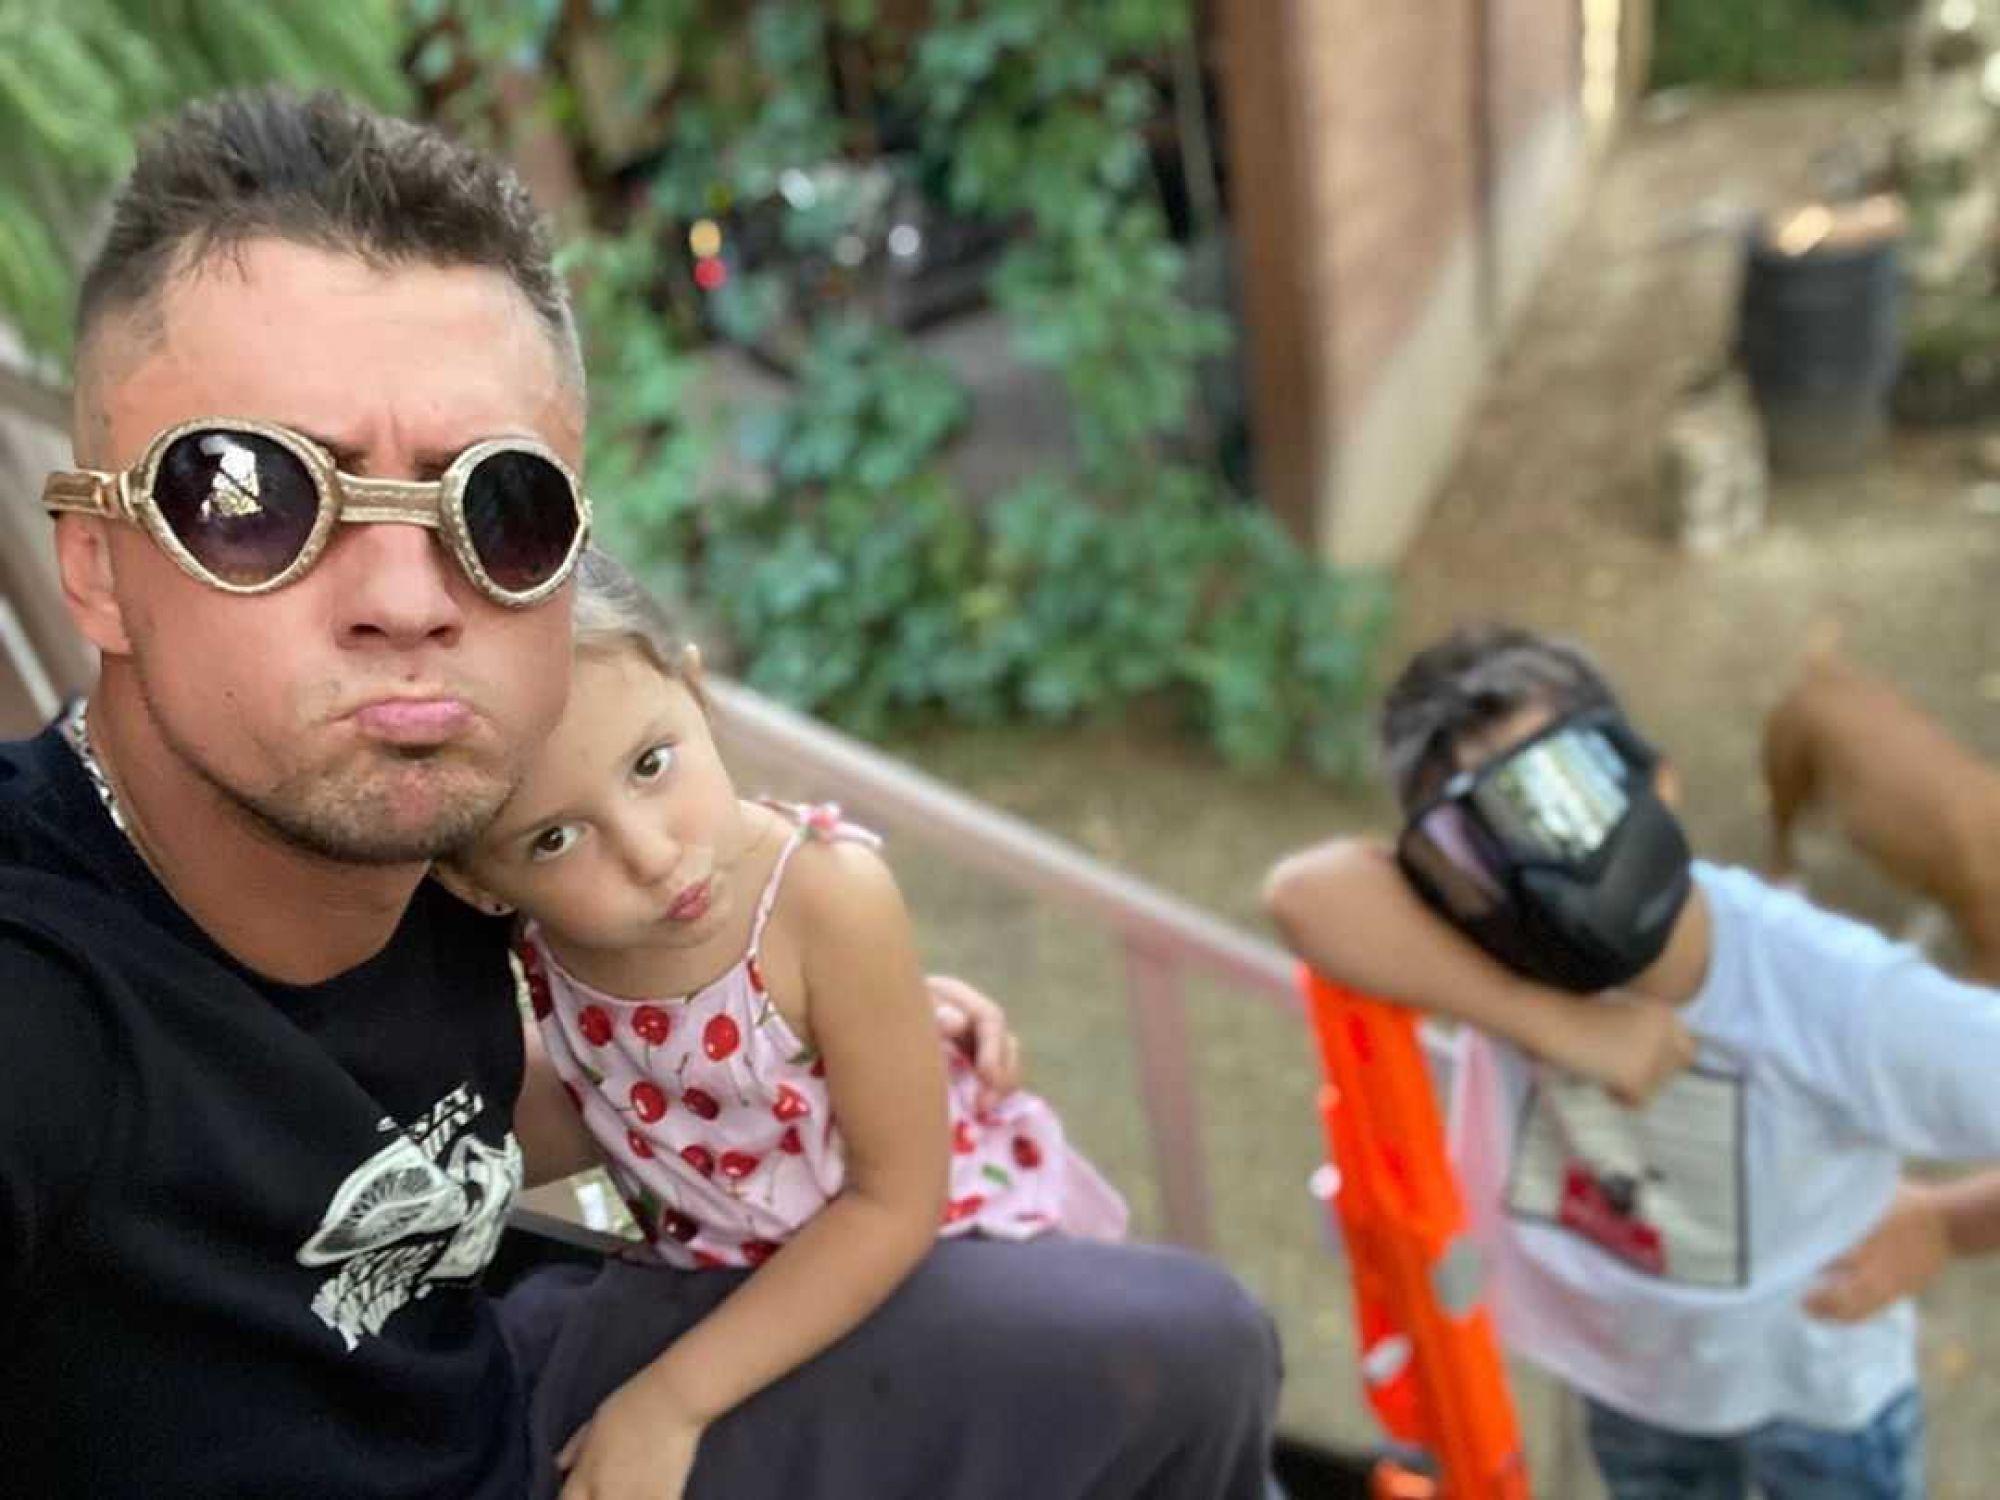 Павел Прилучный возит дочь в автомобиле без специального детского кресла